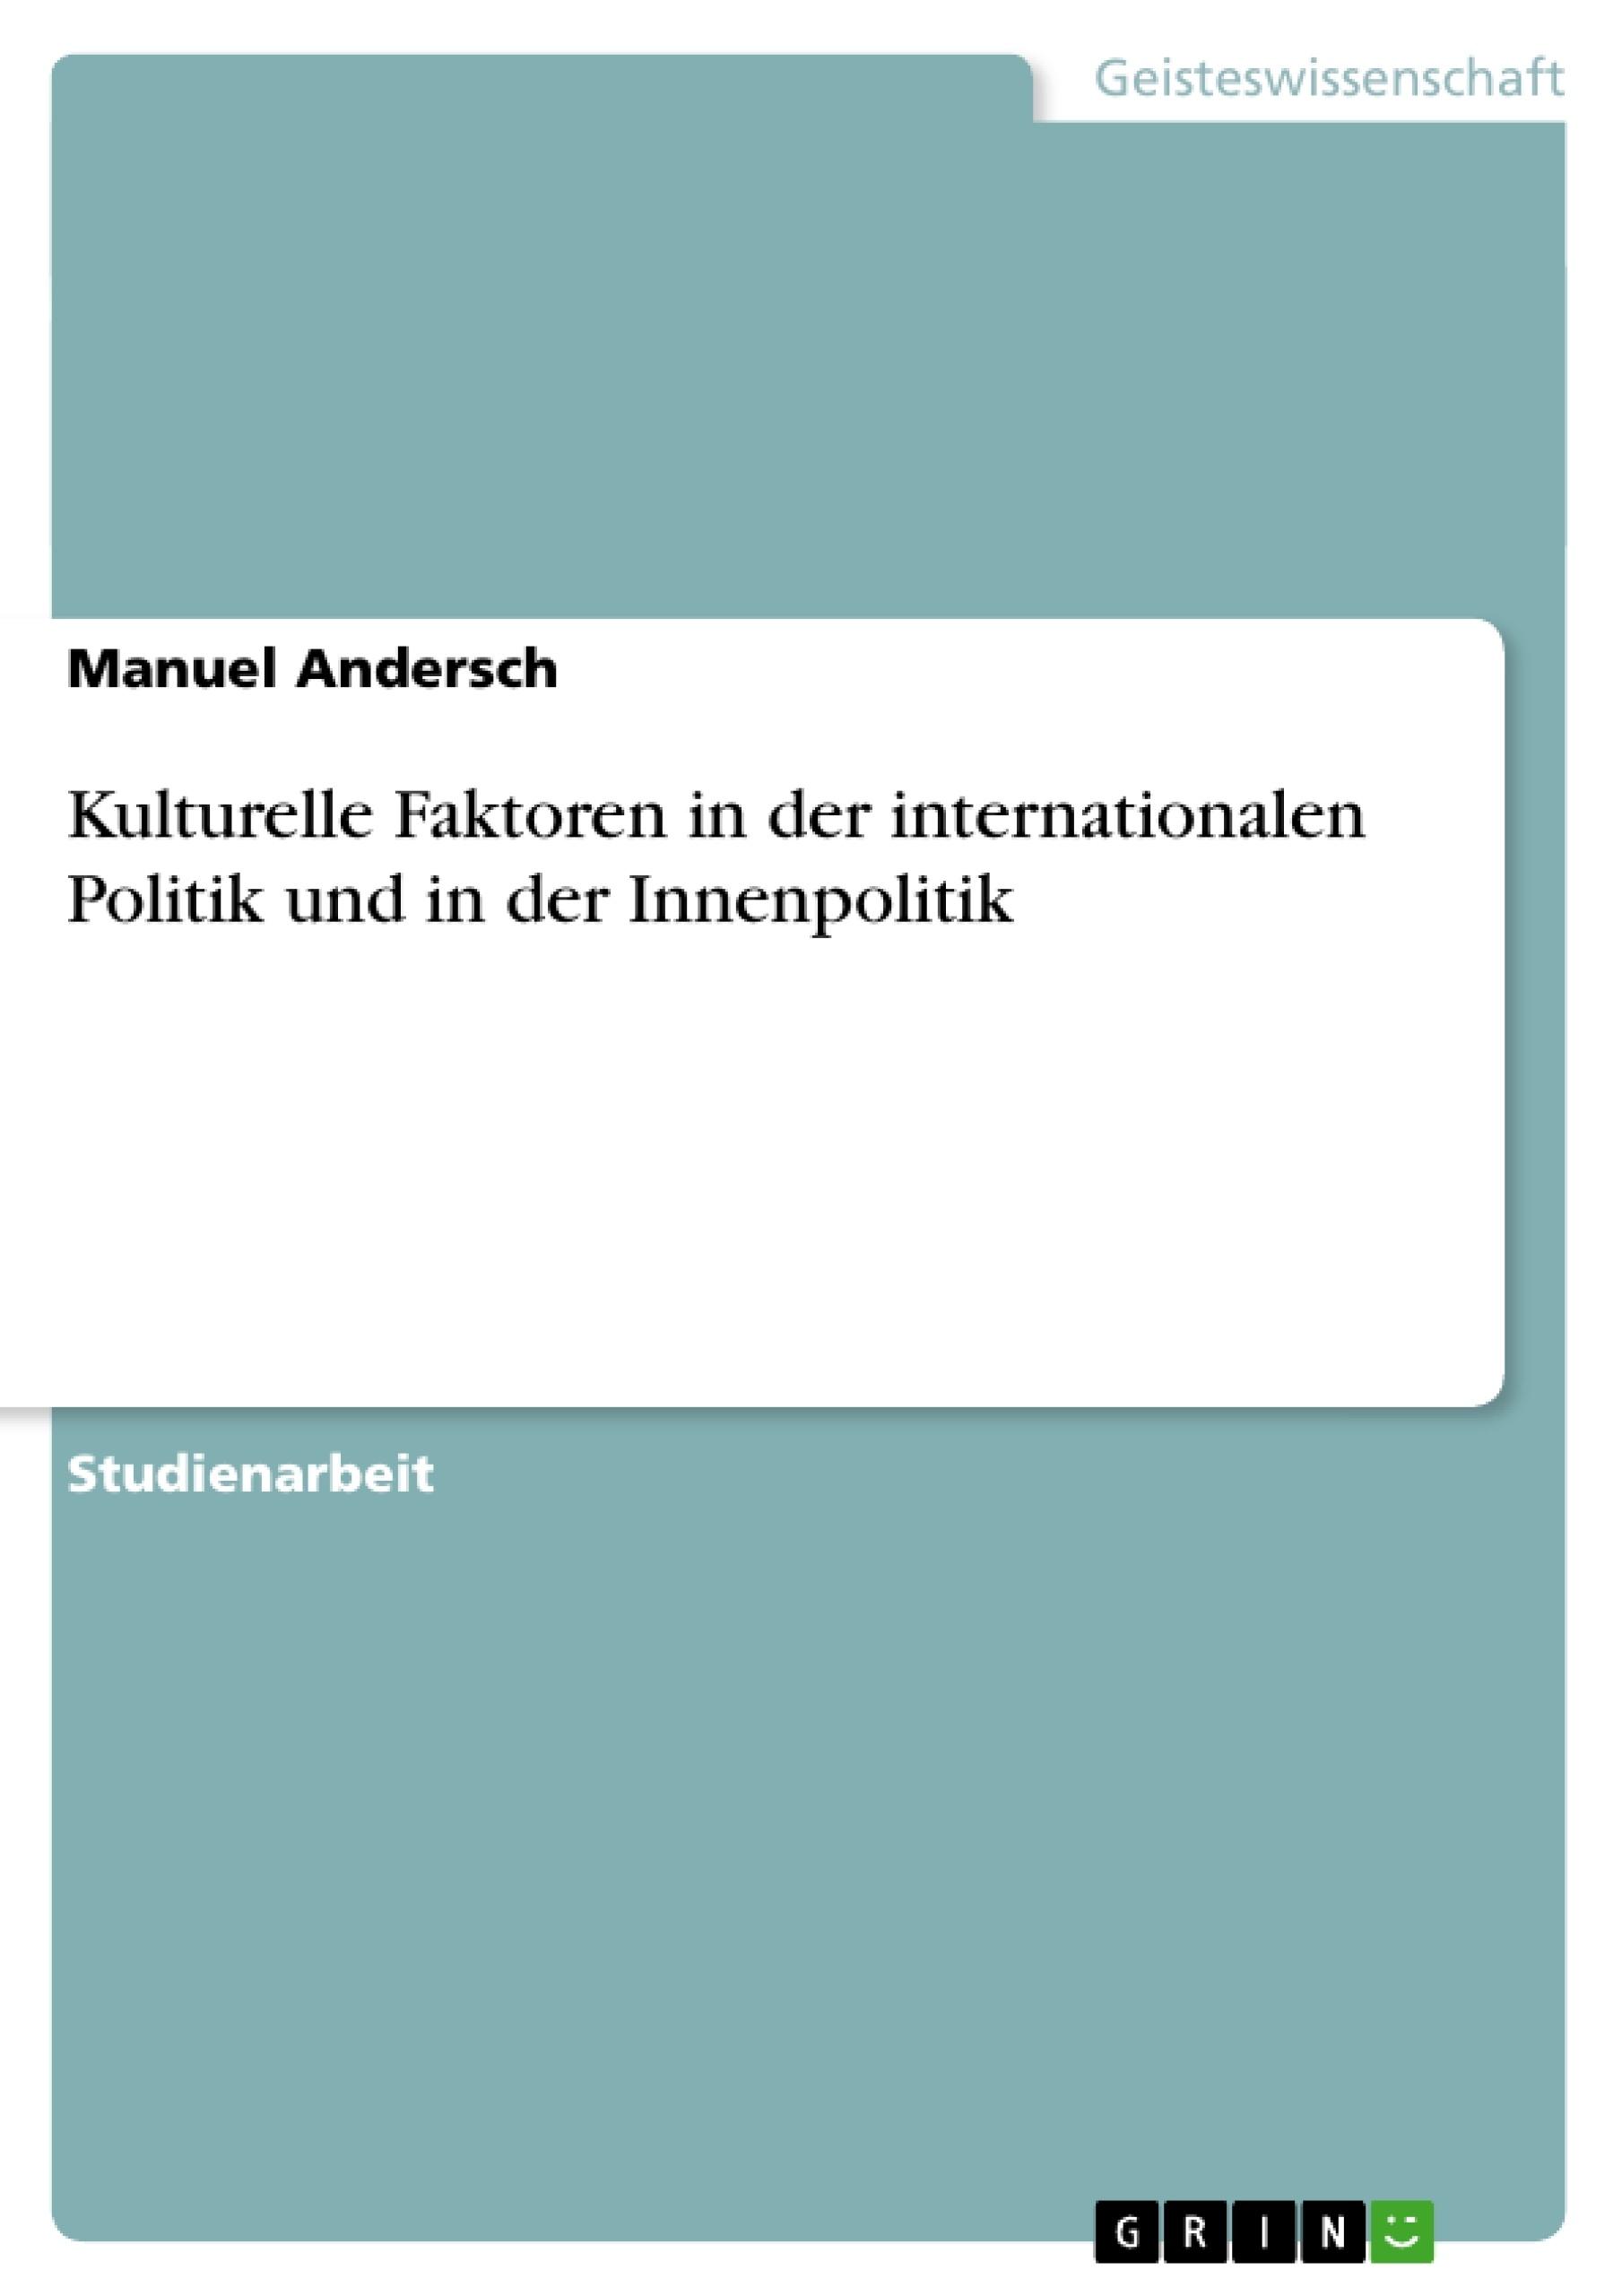 Titel: Kulturelle Faktoren in der internationalen Politik und in der Innenpolitik